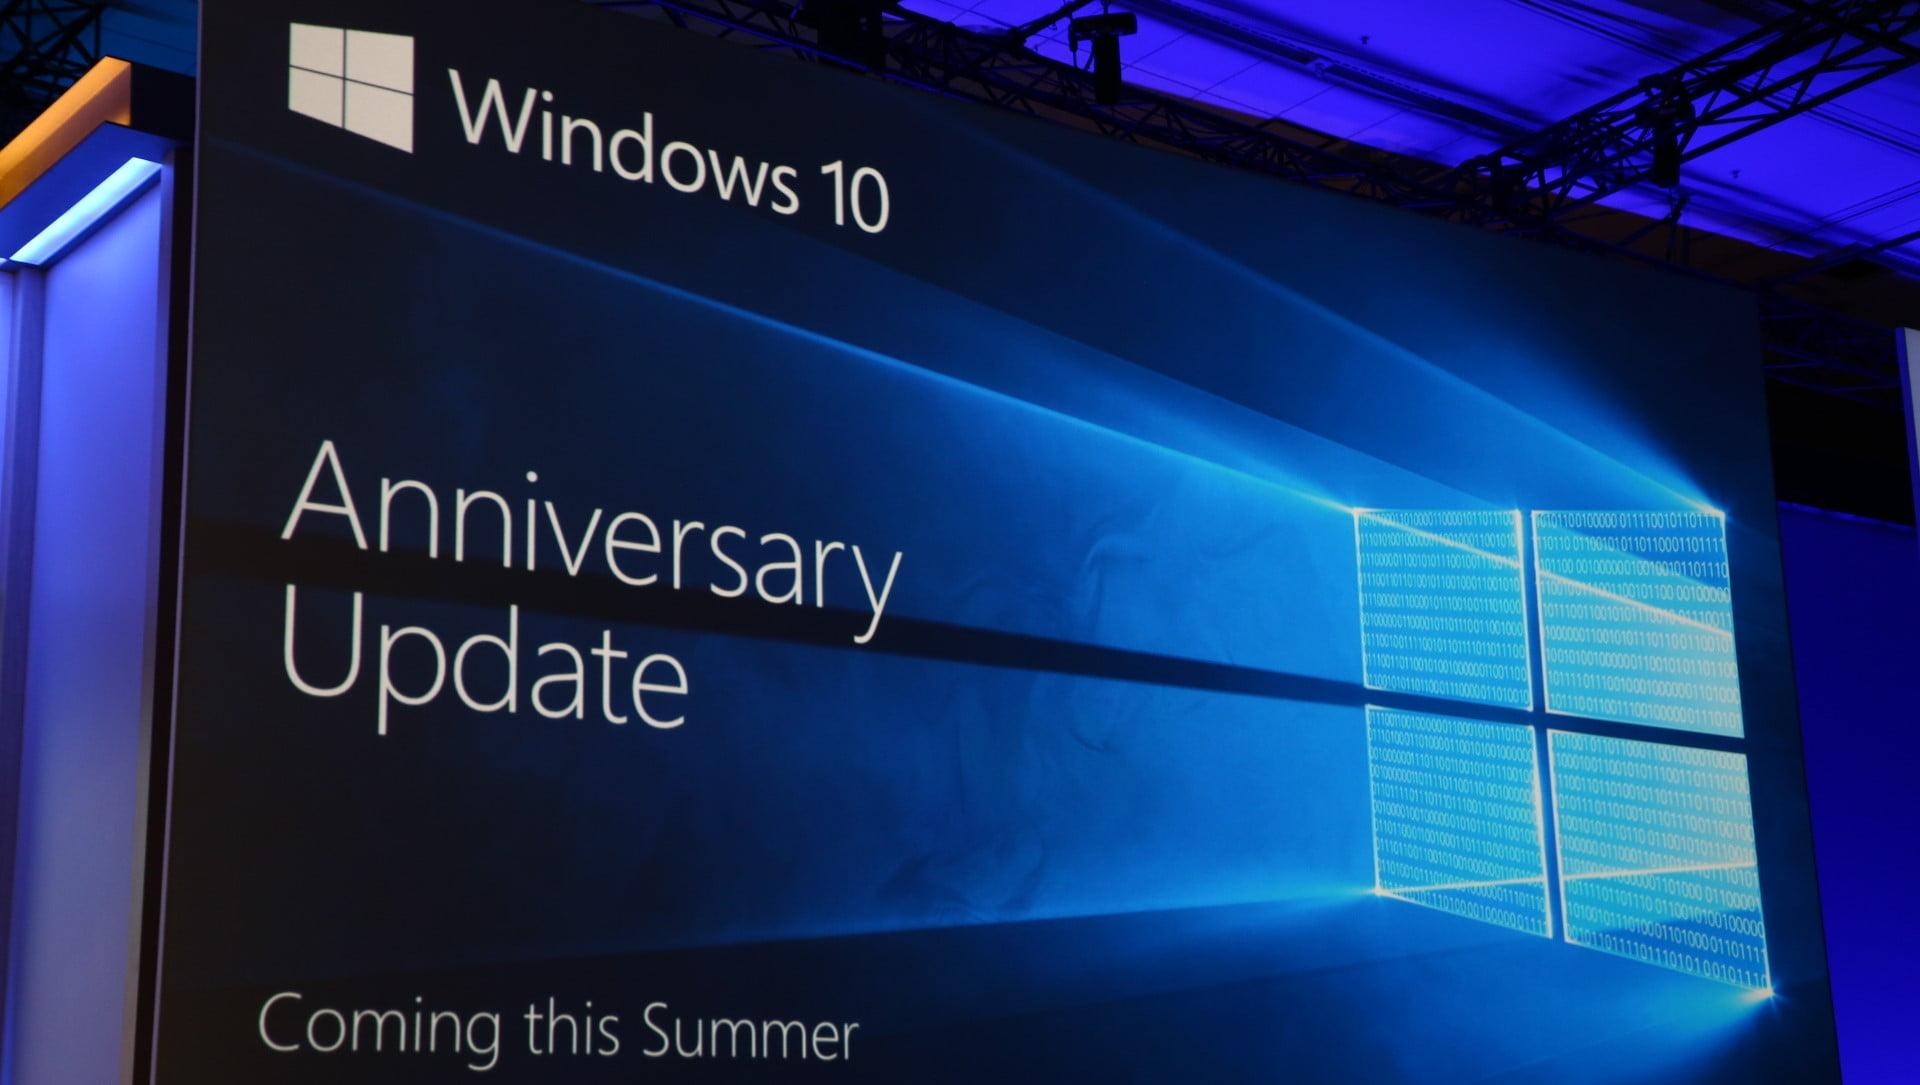 Presentación de la Anniversary Update